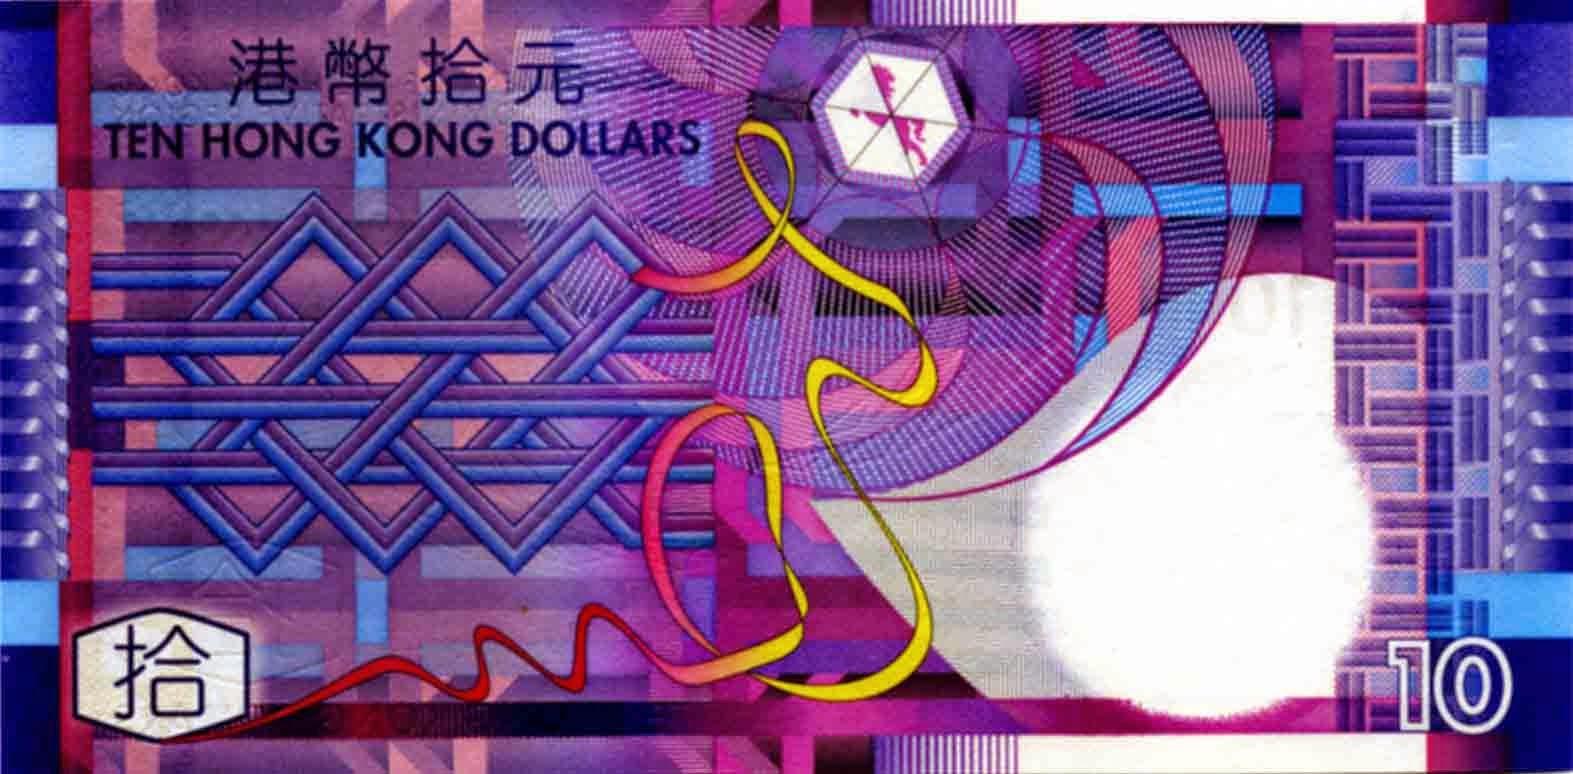 10 dolla hong kong